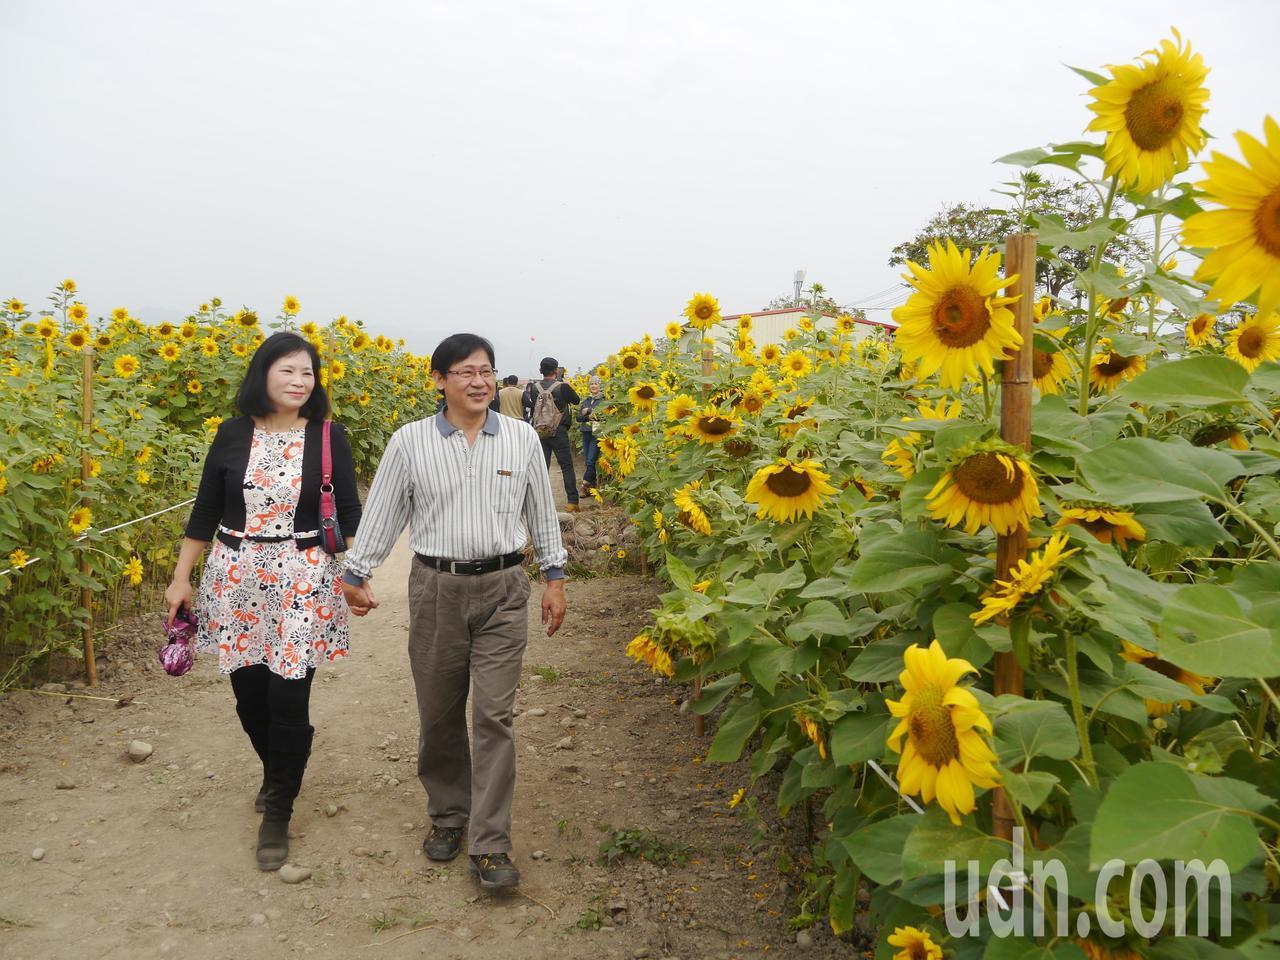 葵花迷宮占地3公頃,向日葵已全面盛開。記者徐白櫻/攝影